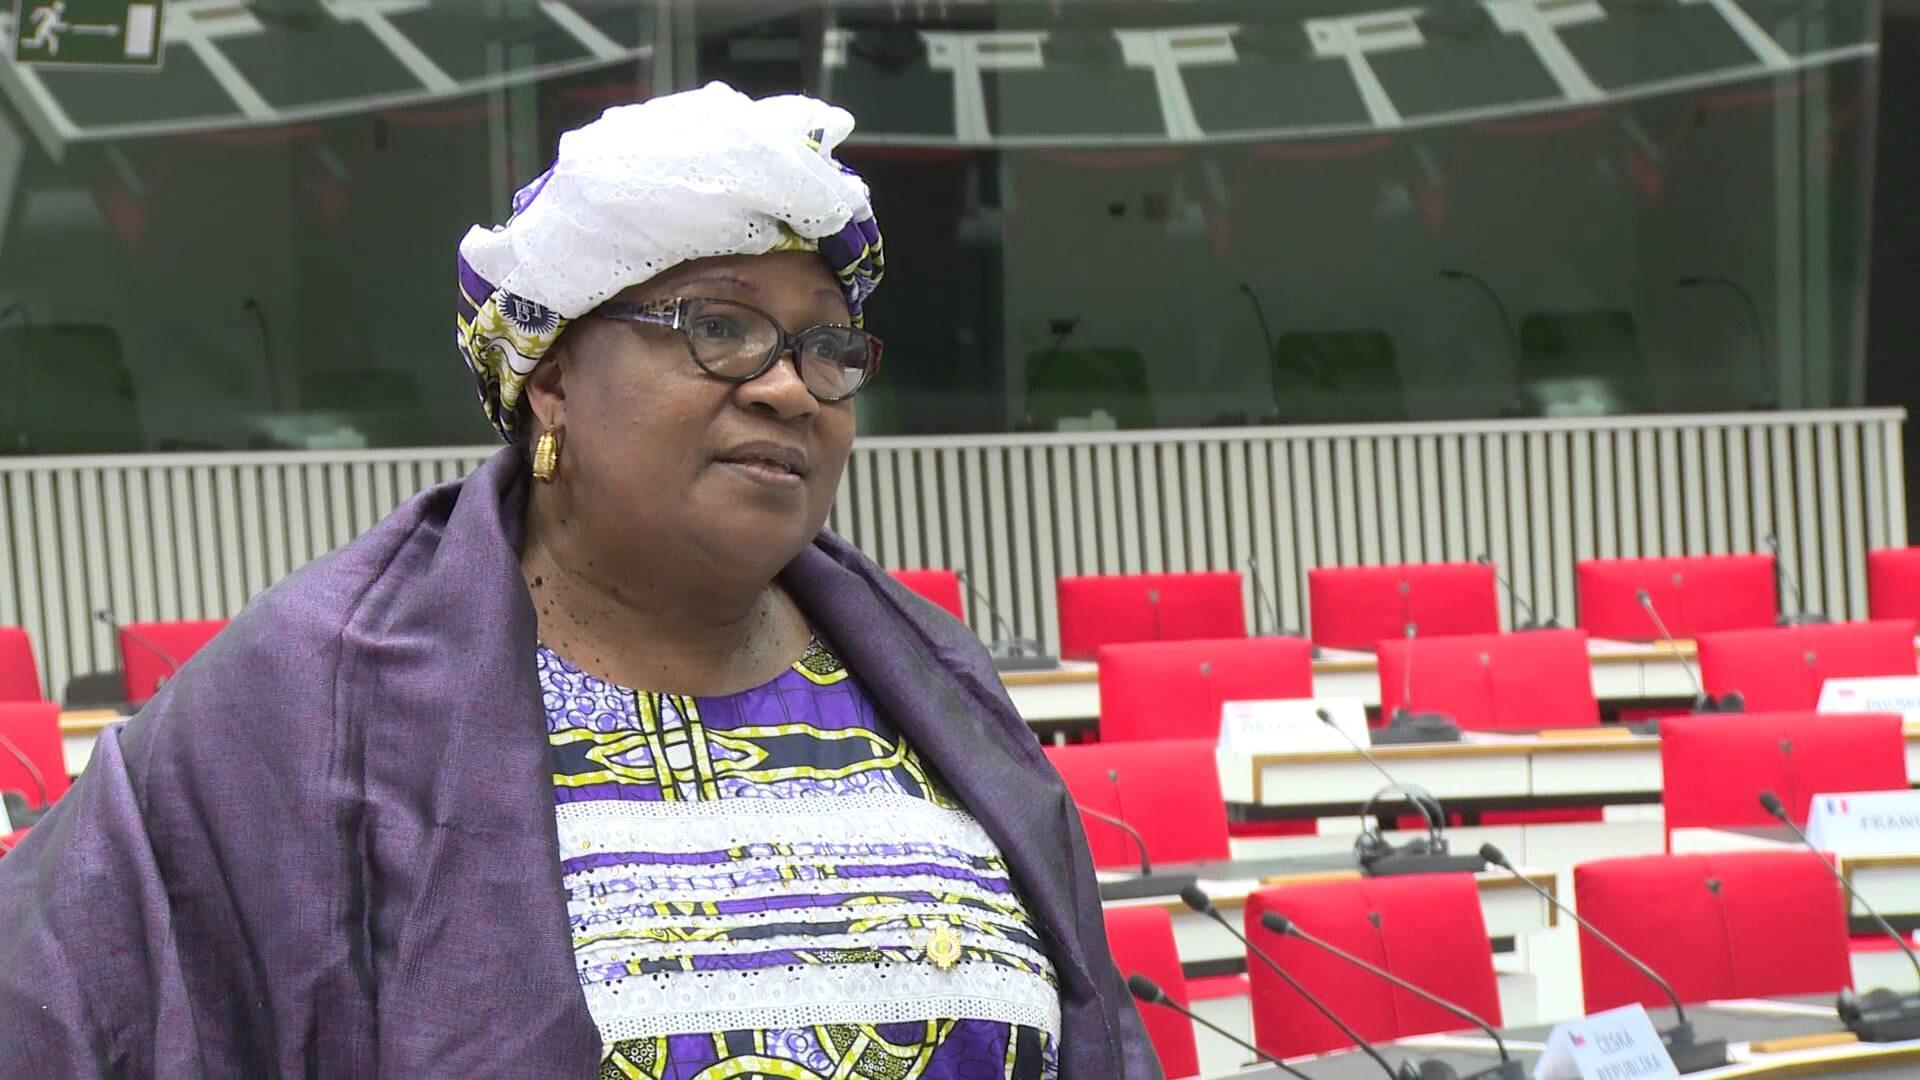 Ayant reçu une balle lors d'une agression : Aïssatou Sow Diawara est sortie des soins intensifs